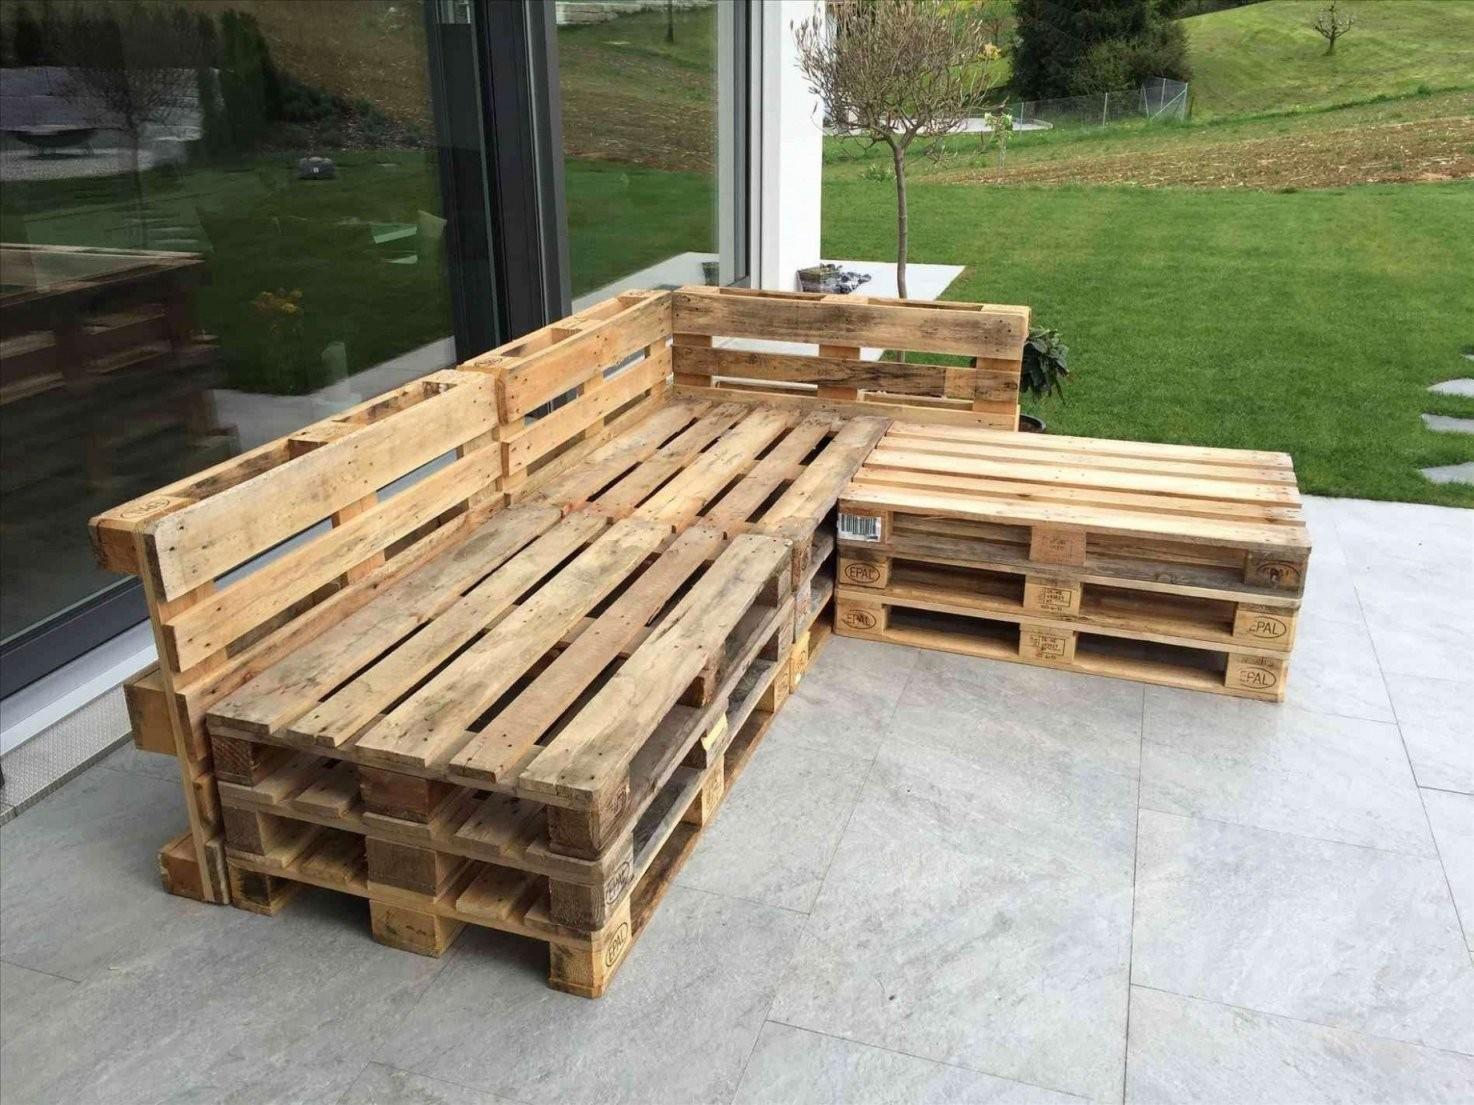 Gartenmöbel Massivholz Design Von Rustikale Holz Gartenmöbel Aus Polen von Rustikale Gartenmöbel Aus Polen Bild